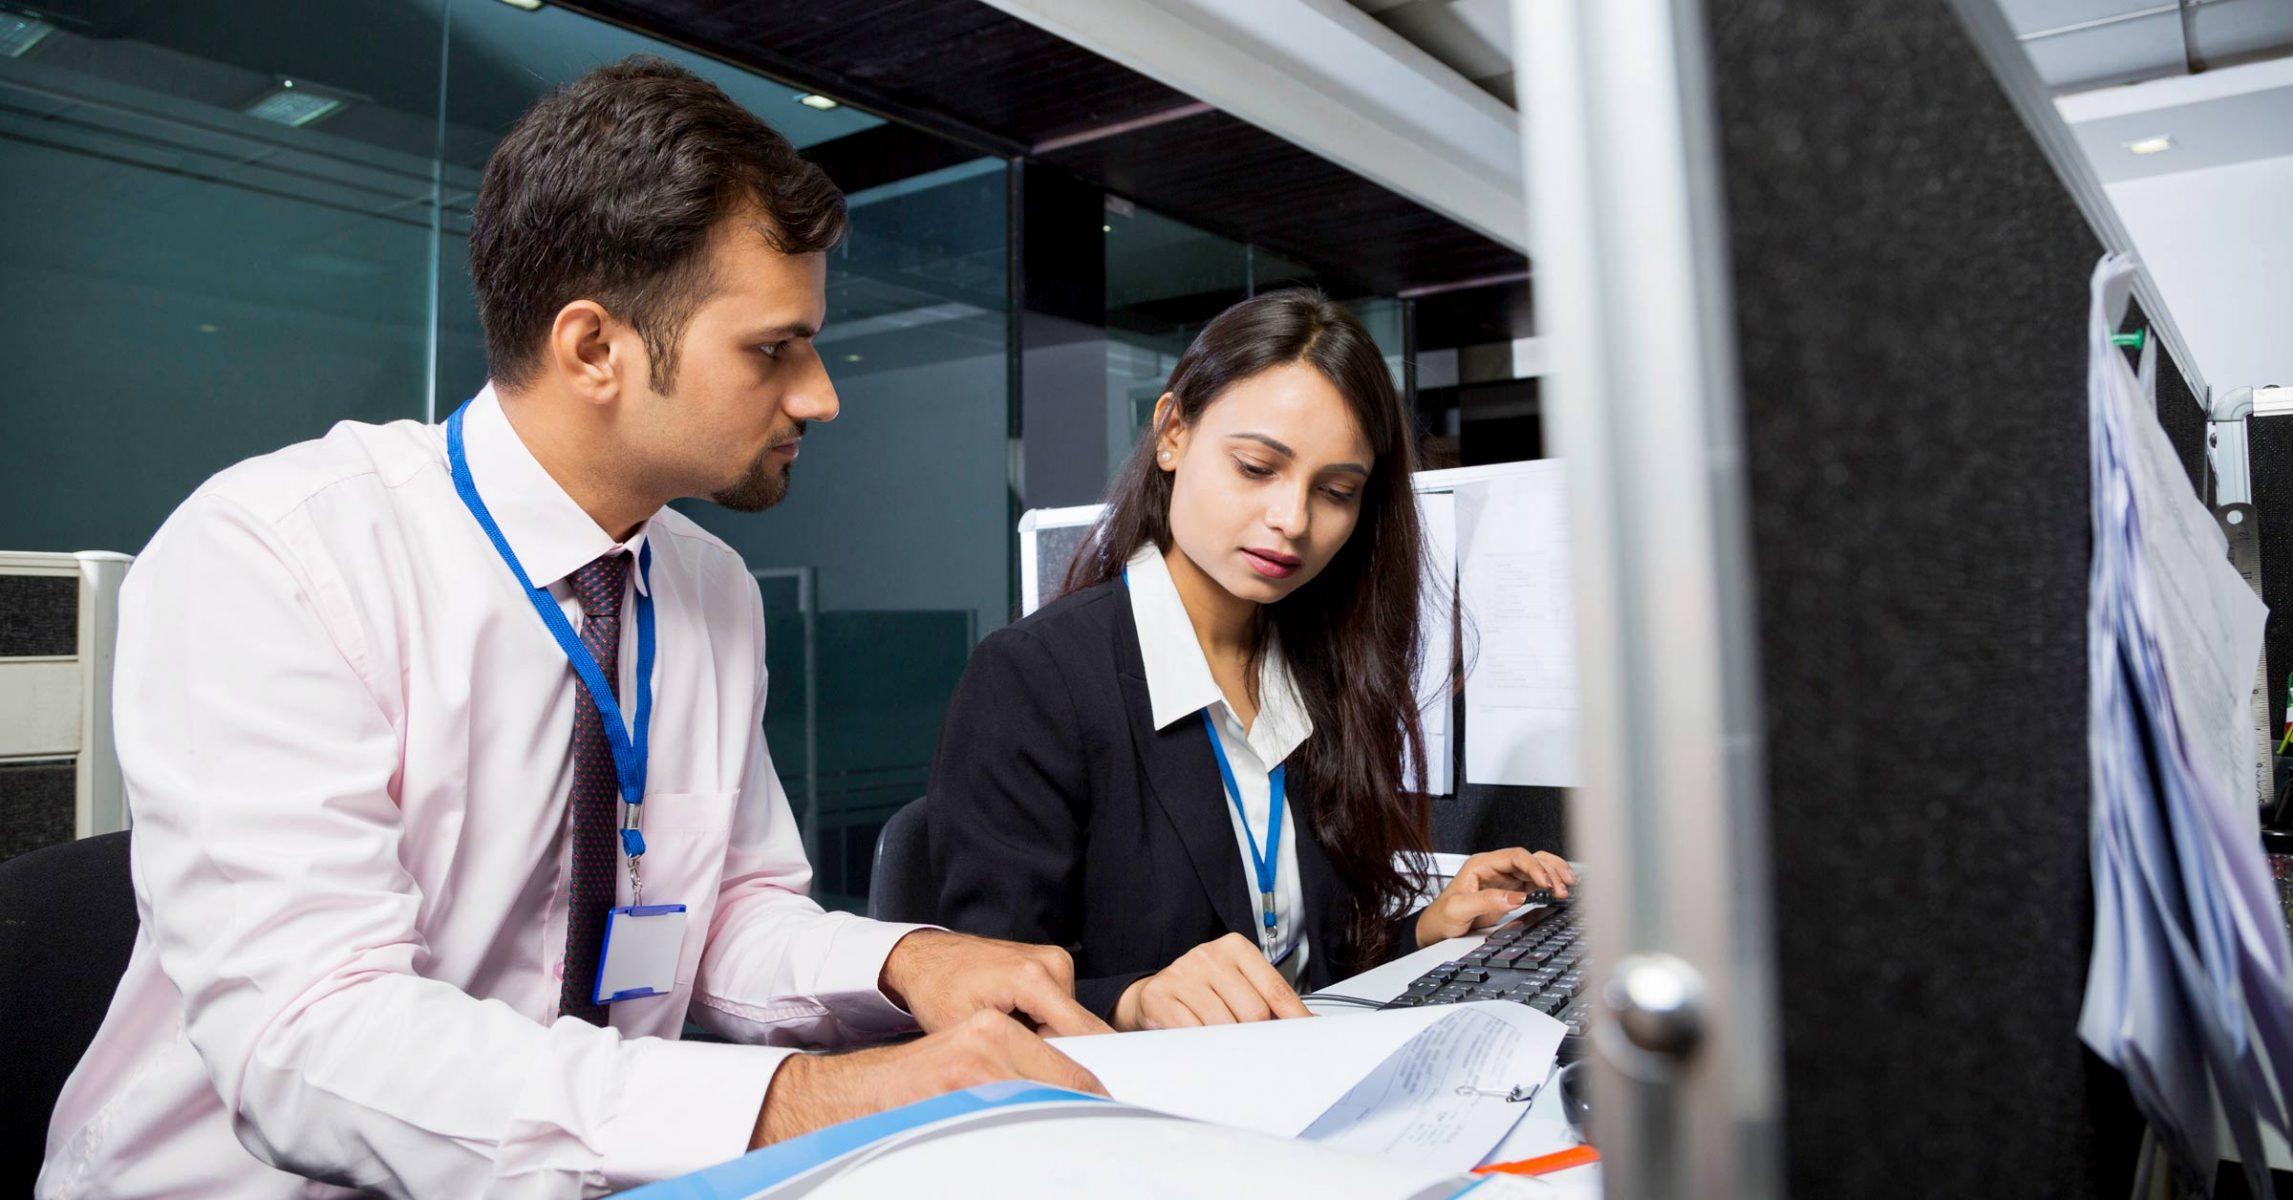 Εργασία έλξη: Σεξουαλικές προτάσεις στον εργασιακό χώρο